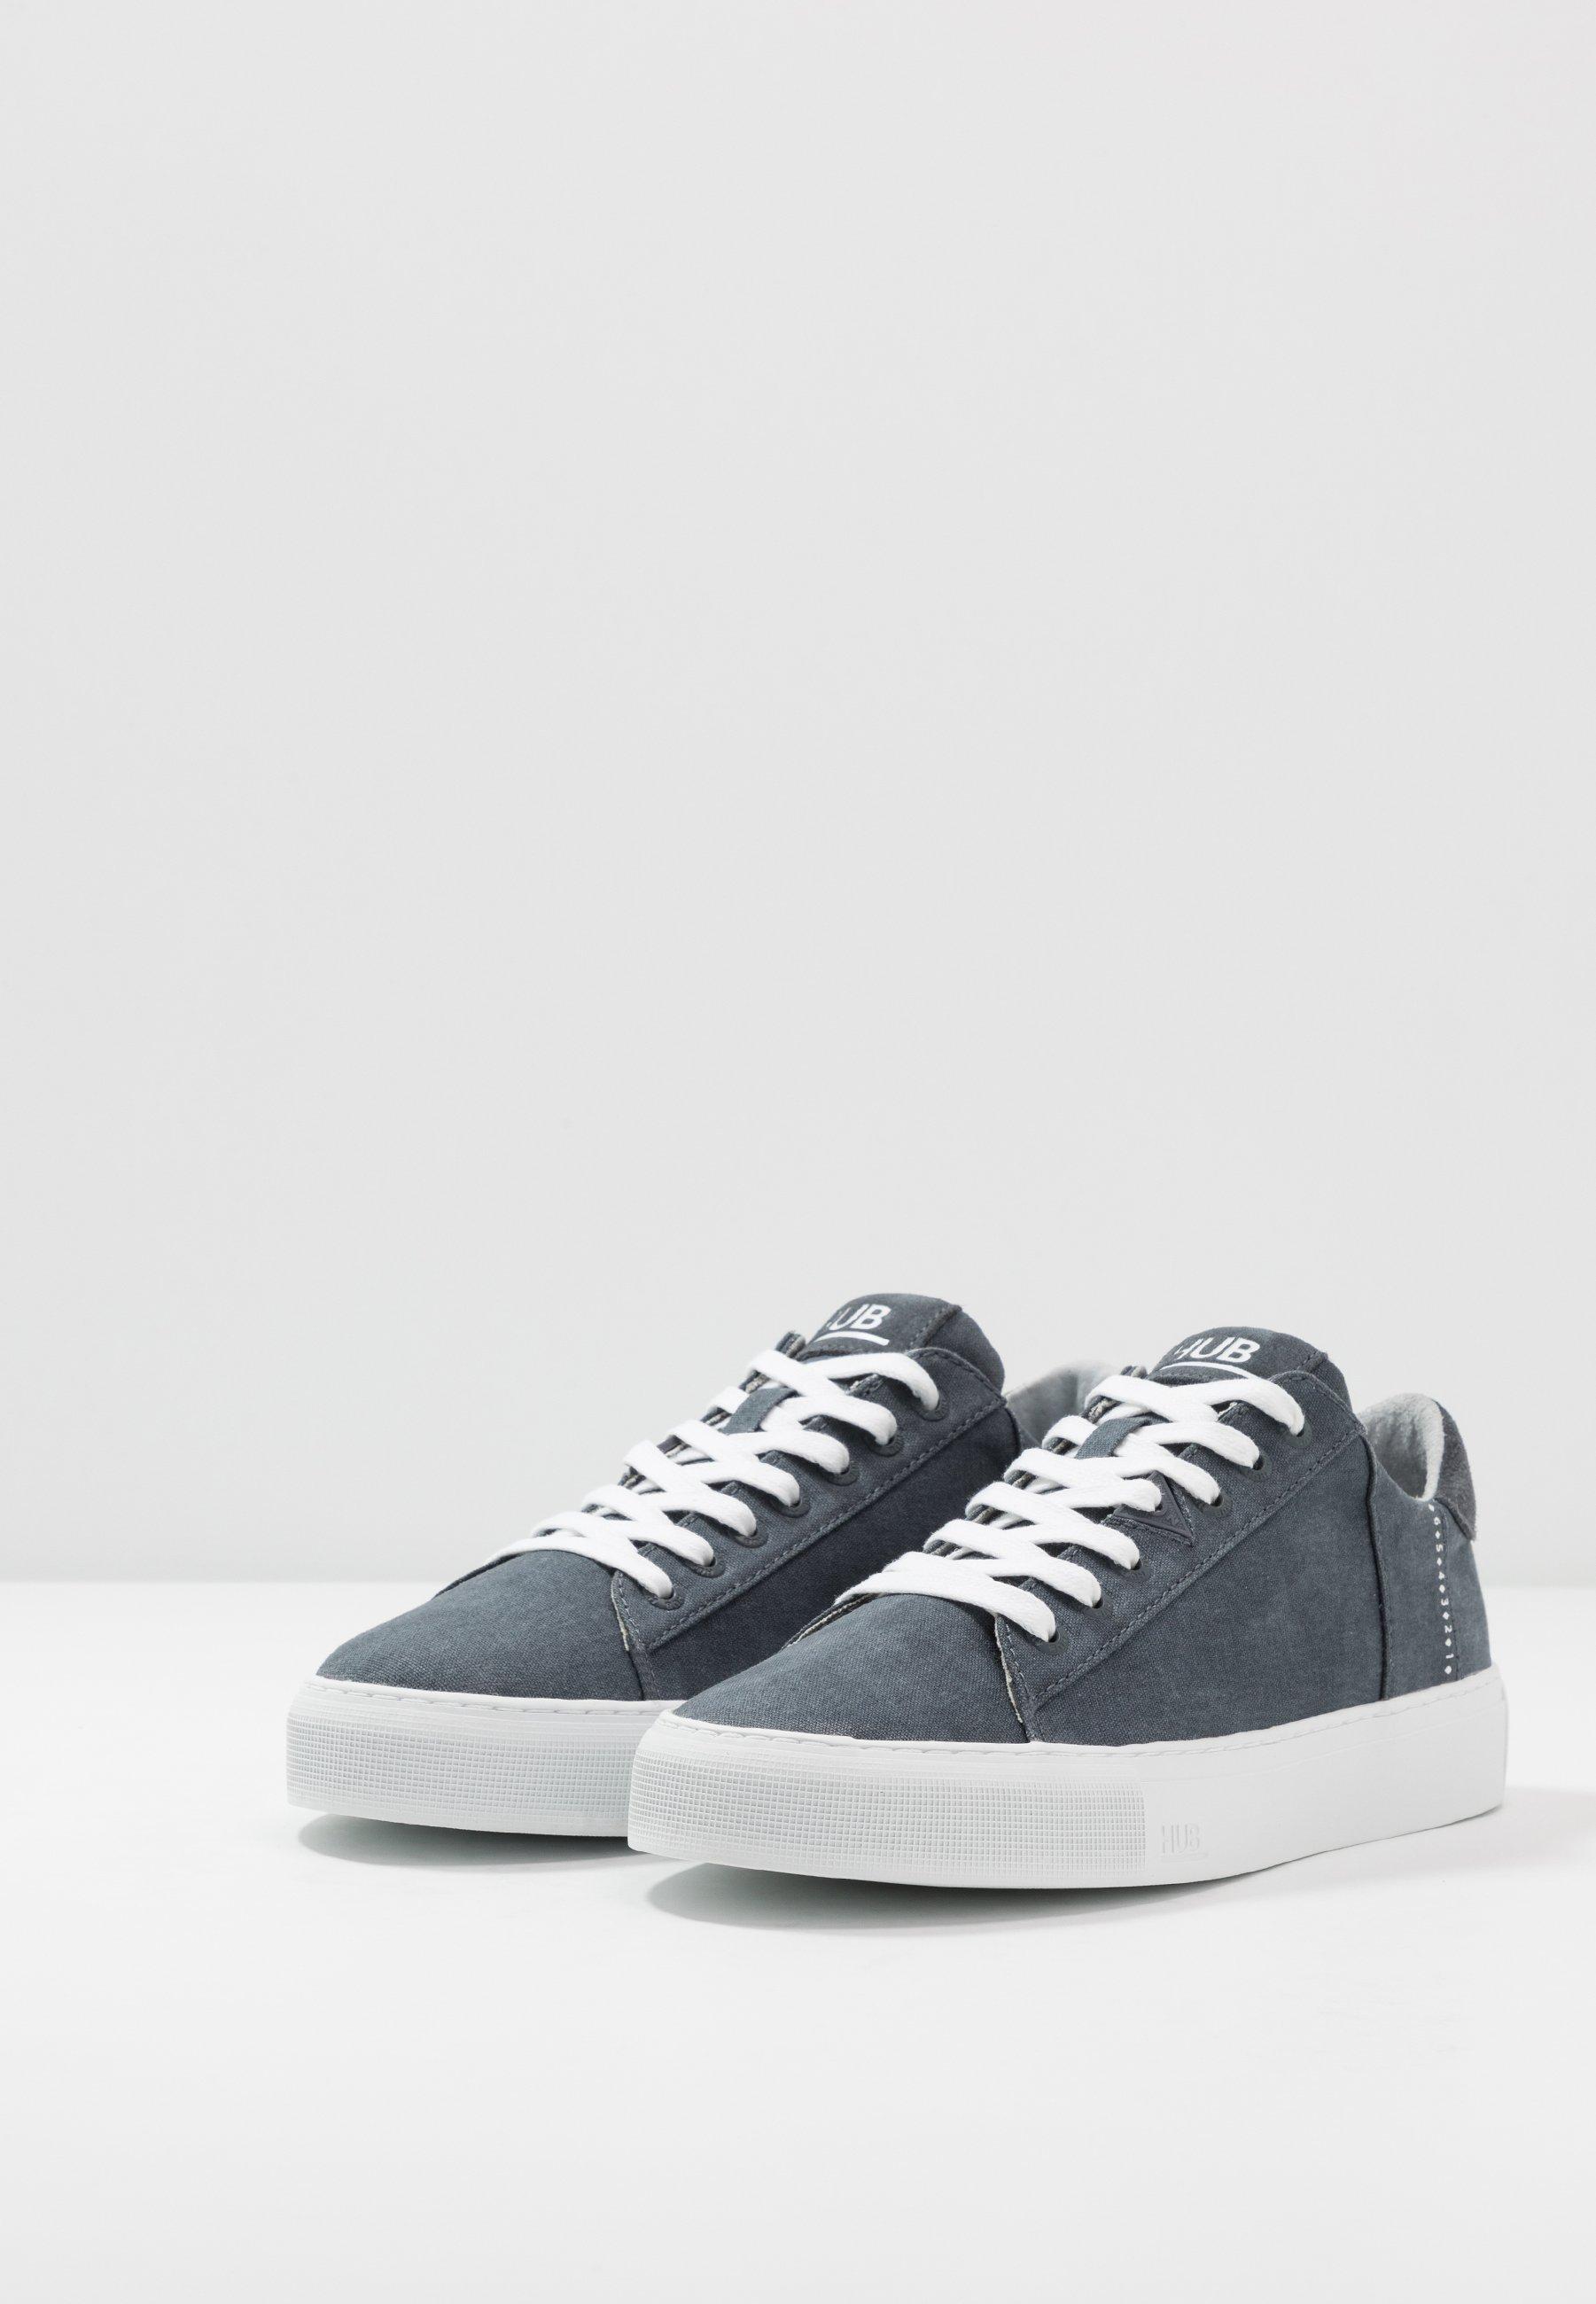 HUB HOOK - Sneakers - navy/white